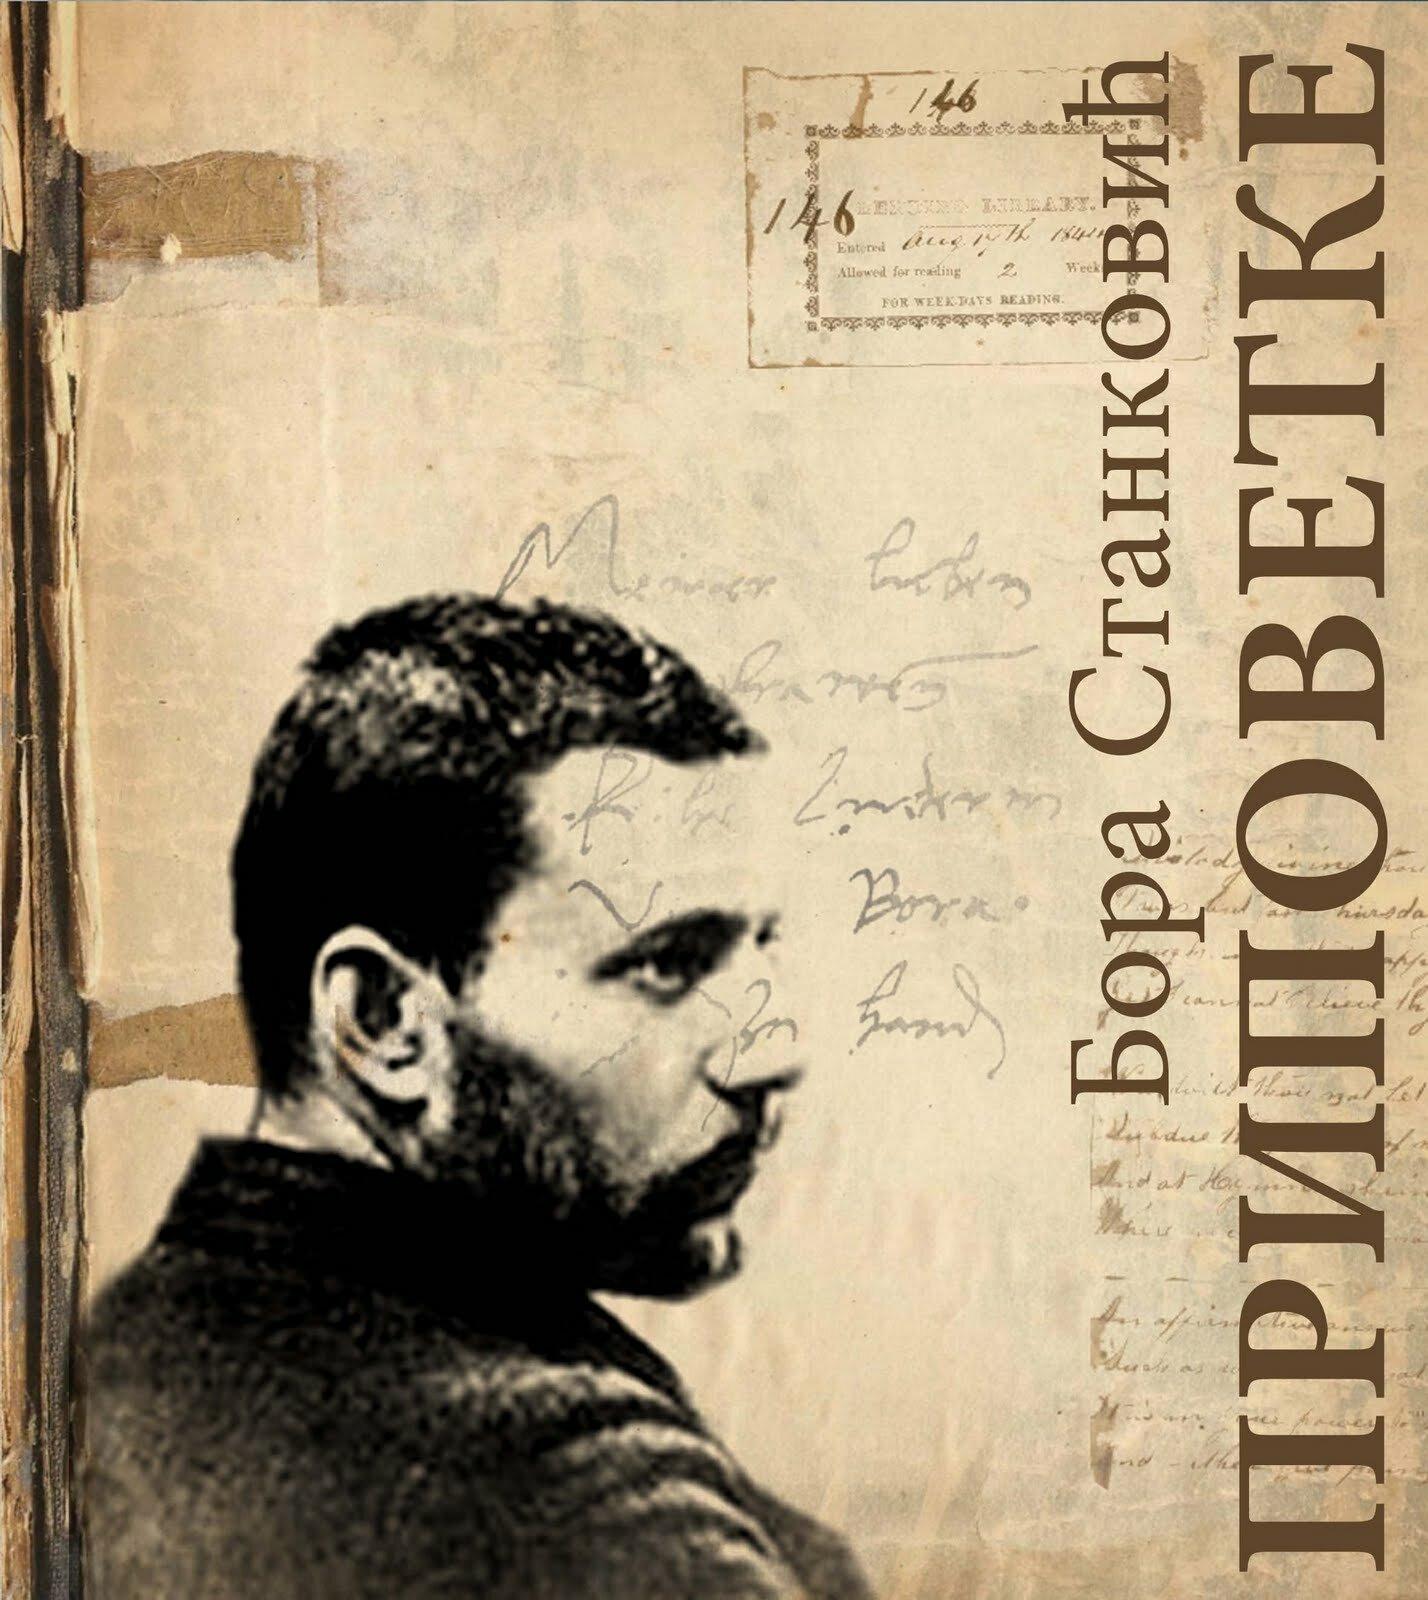 borisav_stanković_2